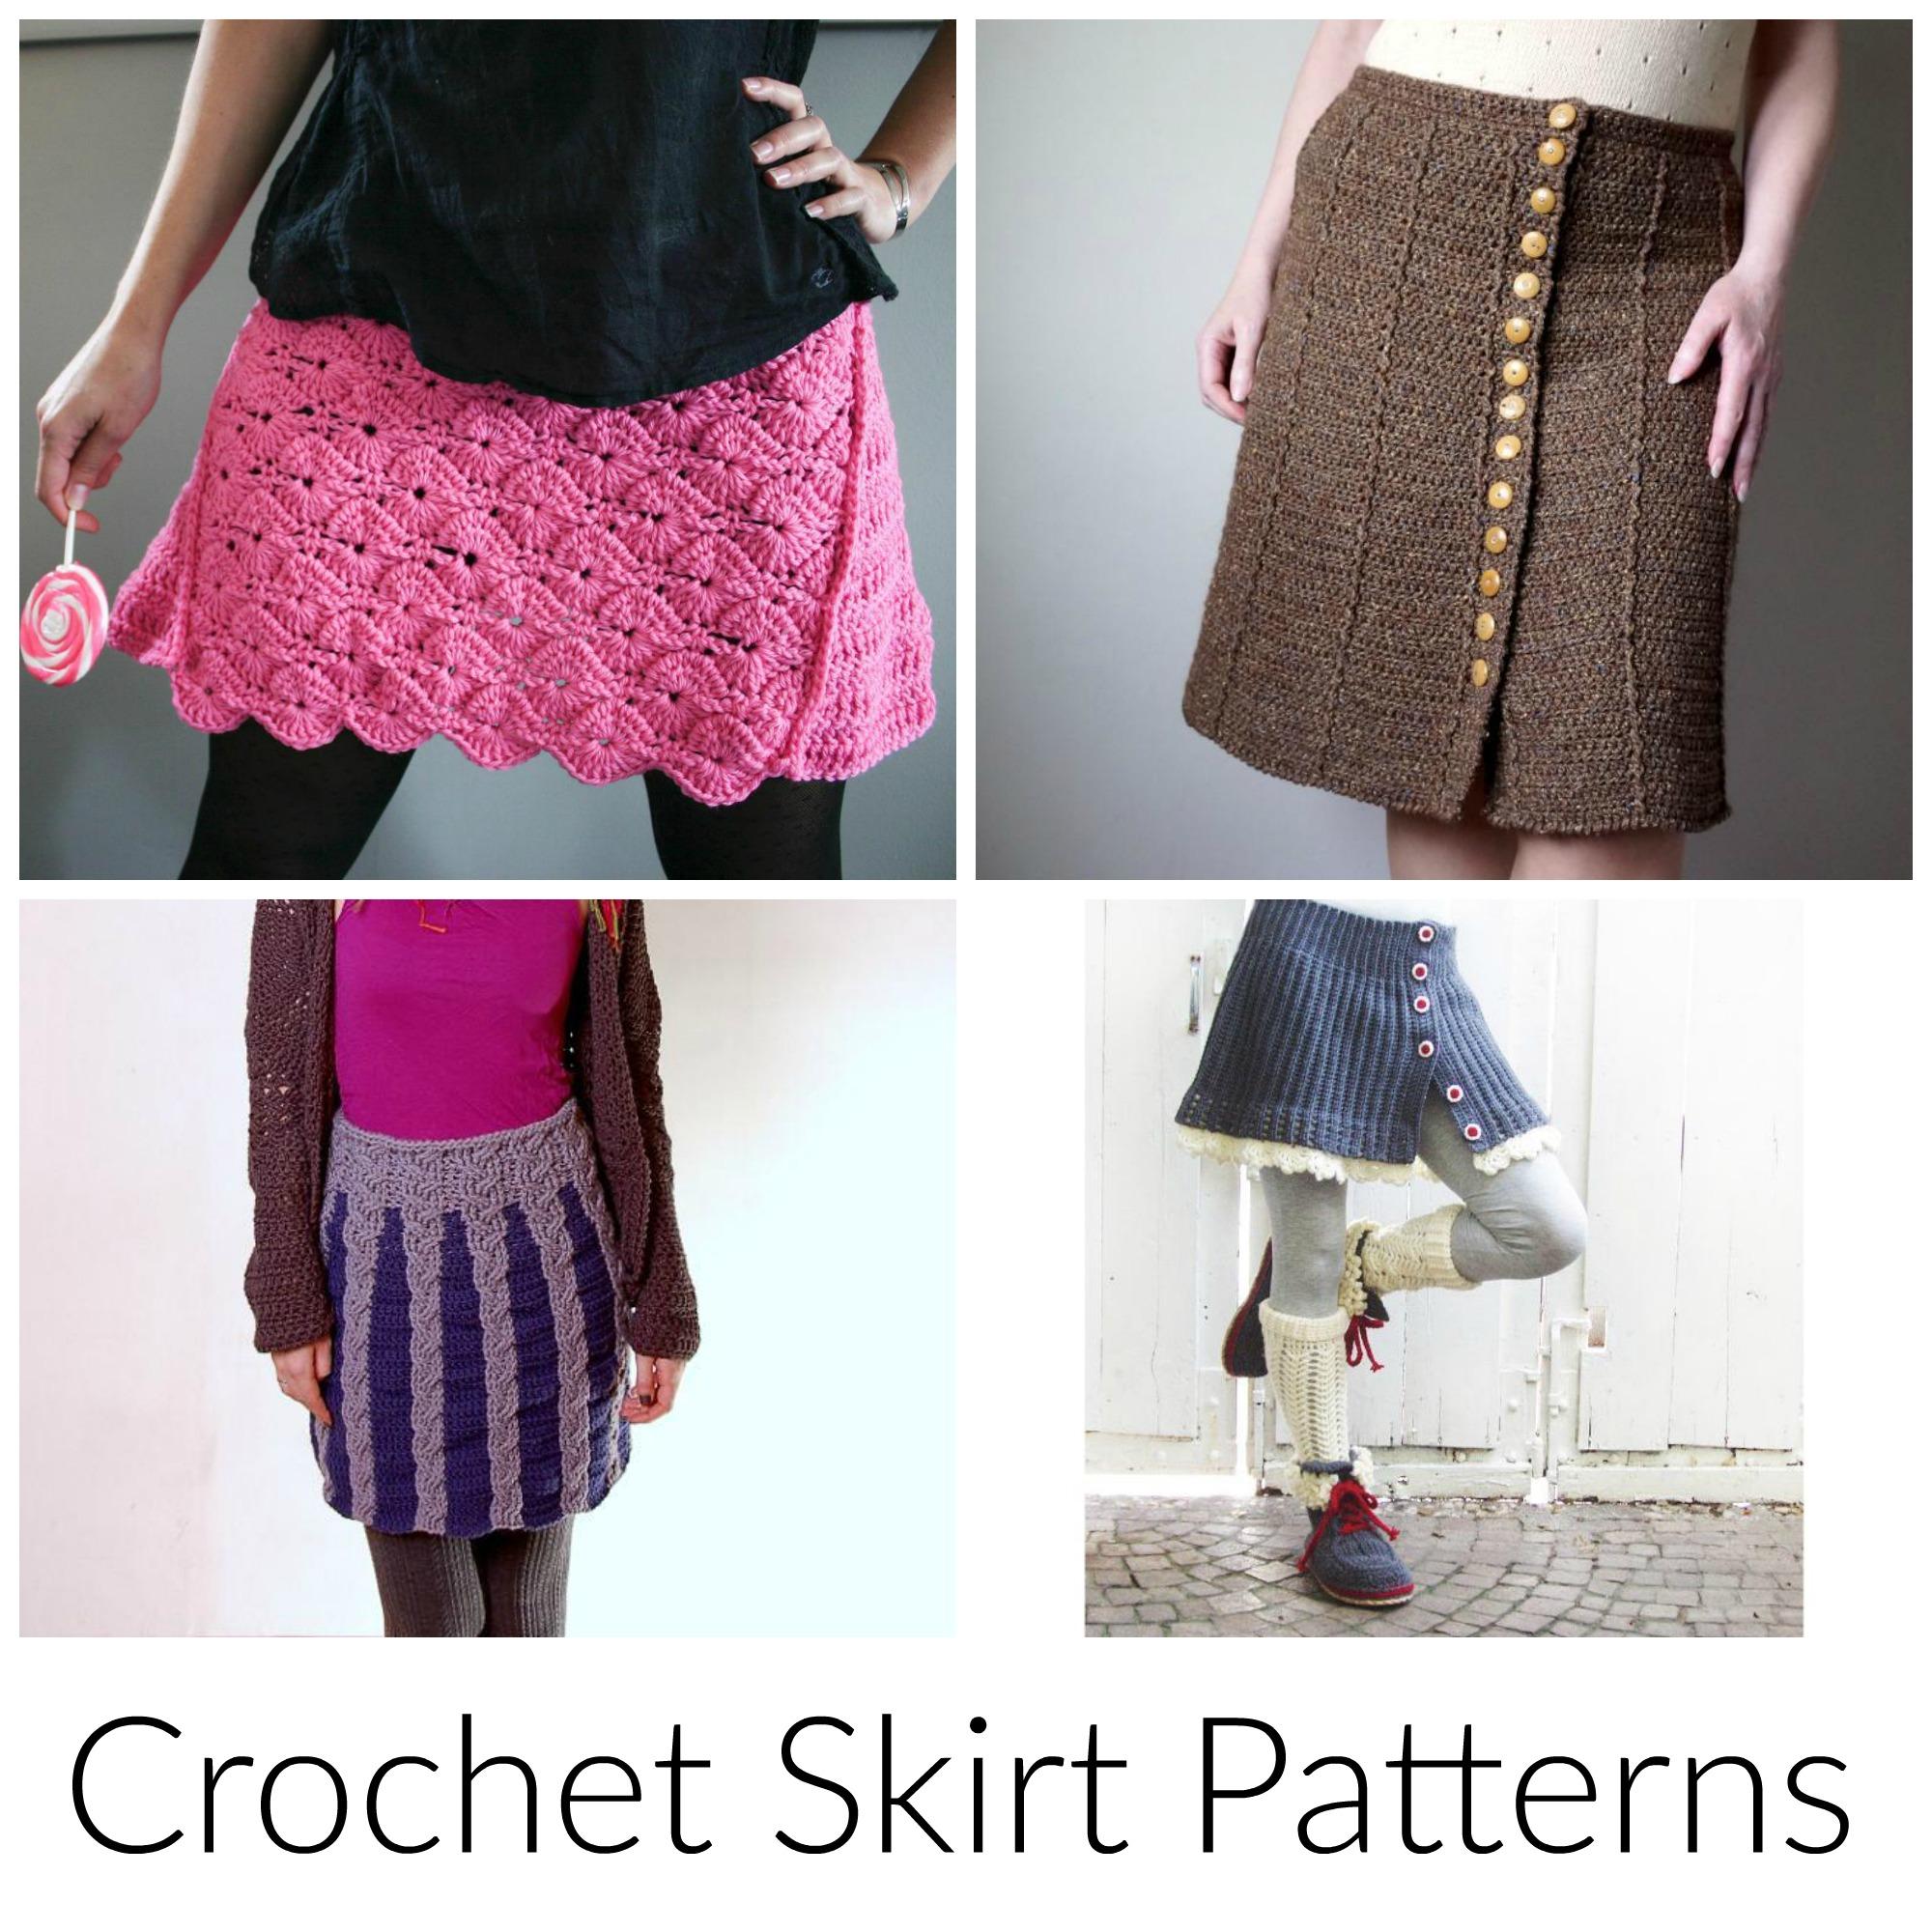 crochet skirt pattern 11 easy-to-style crochet skirt patterns mgklcac